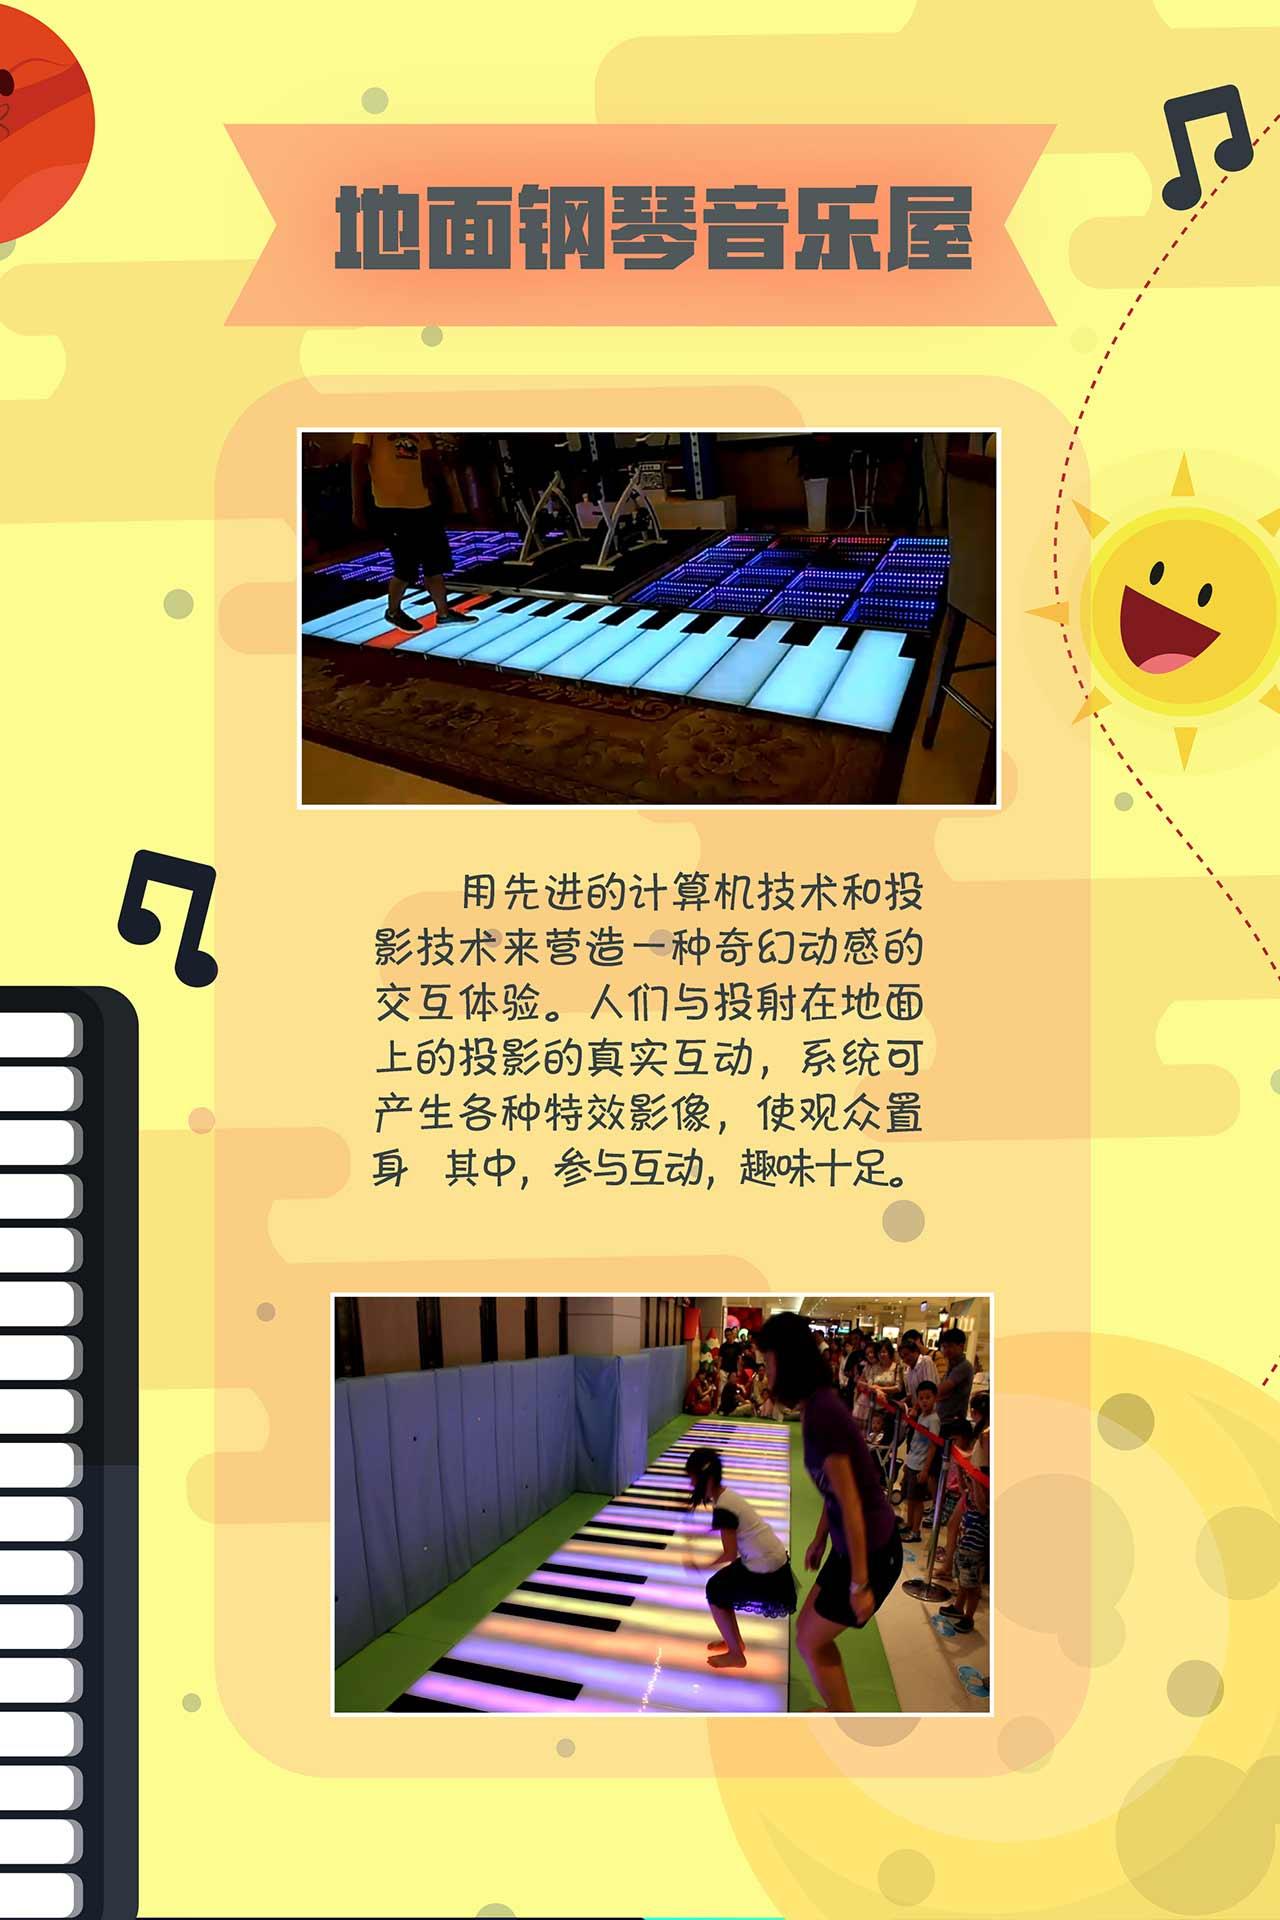 地面钢琴屋